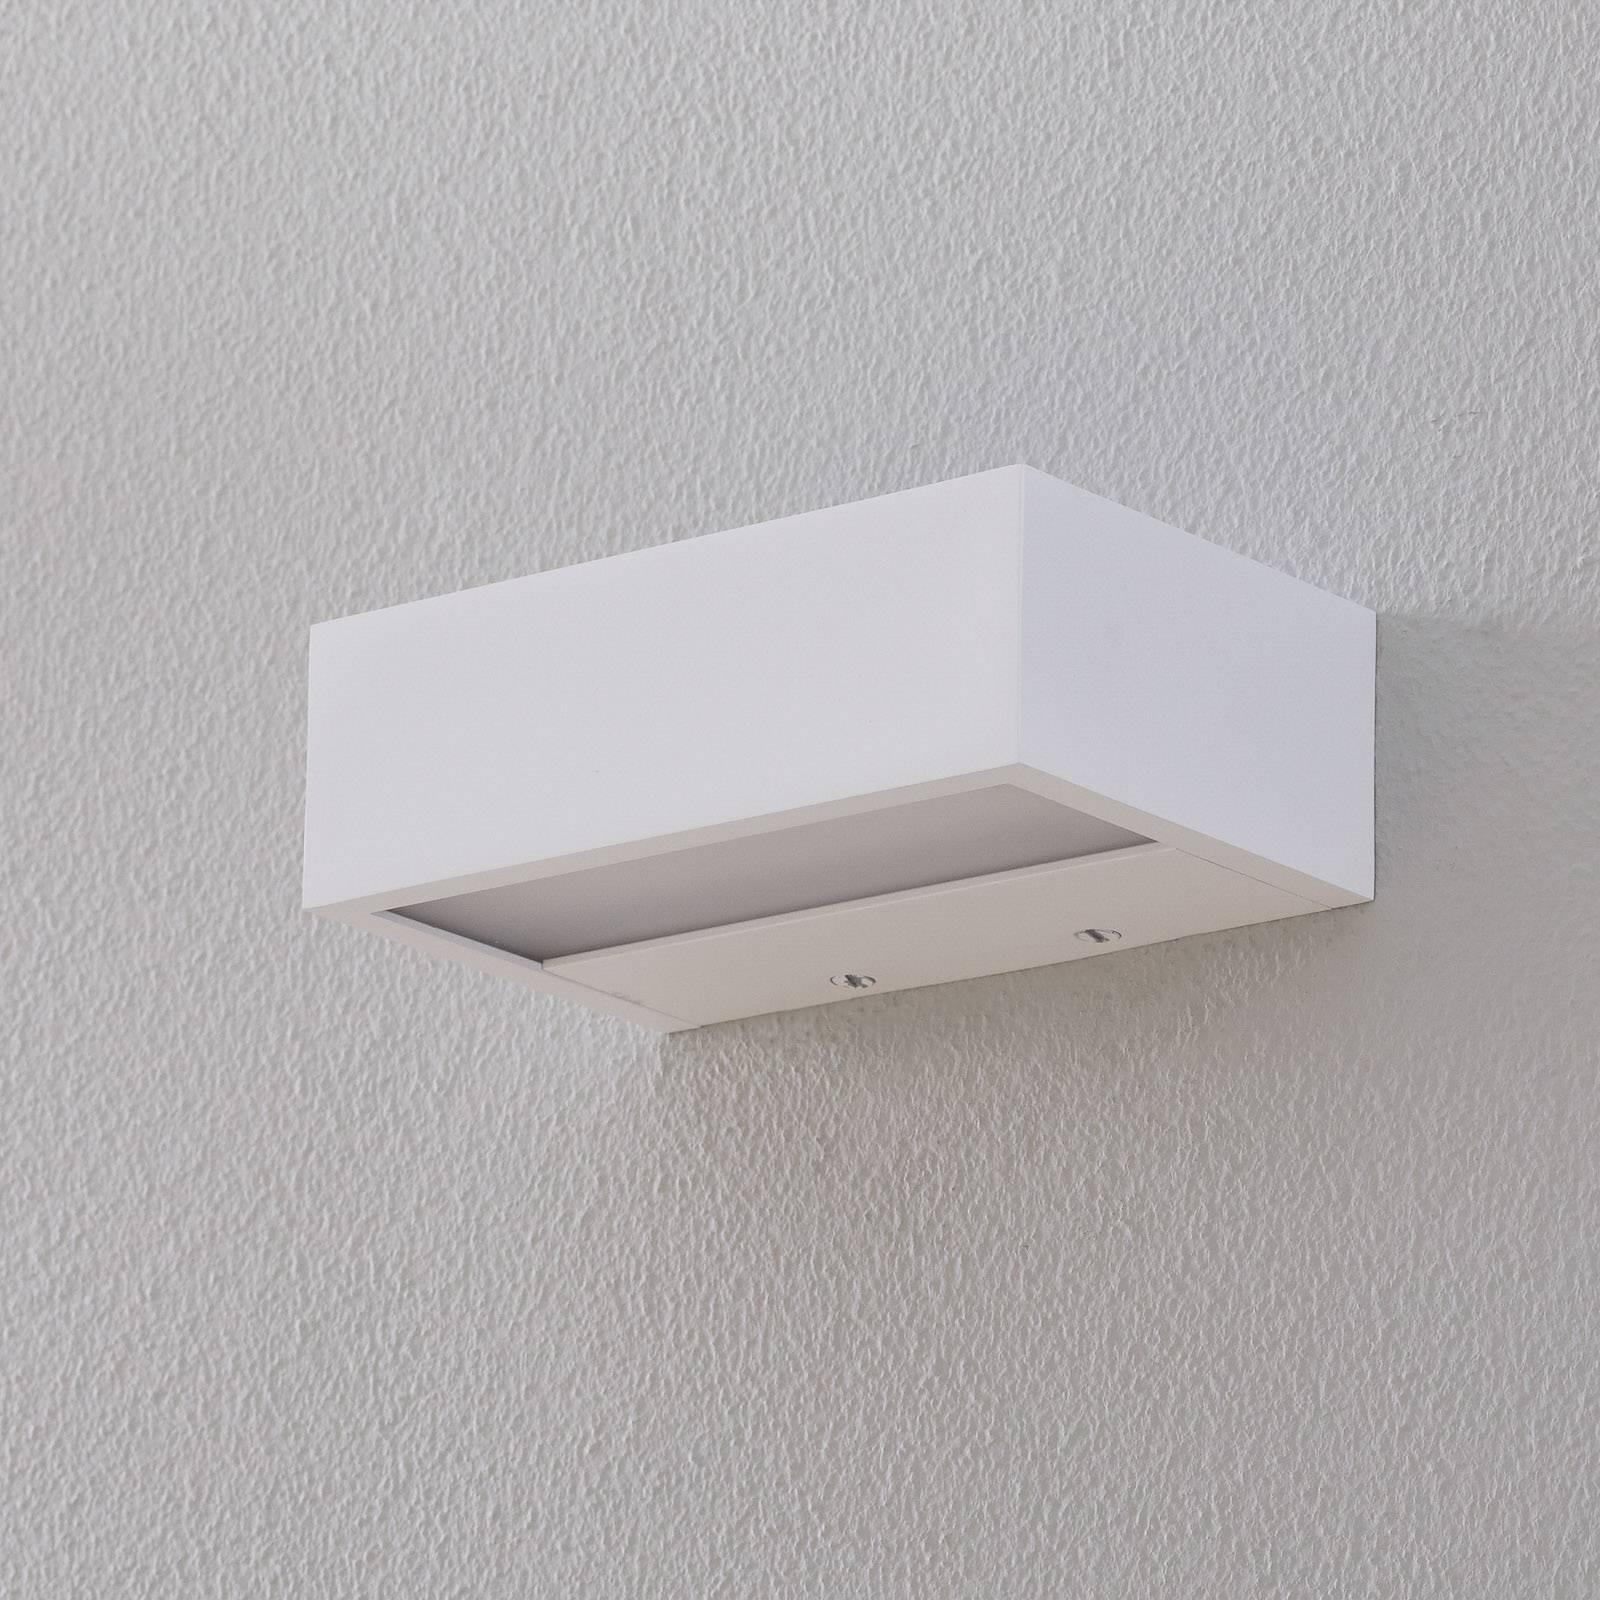 Decor Walther Box LED-seinävalo valkoinen 15cm